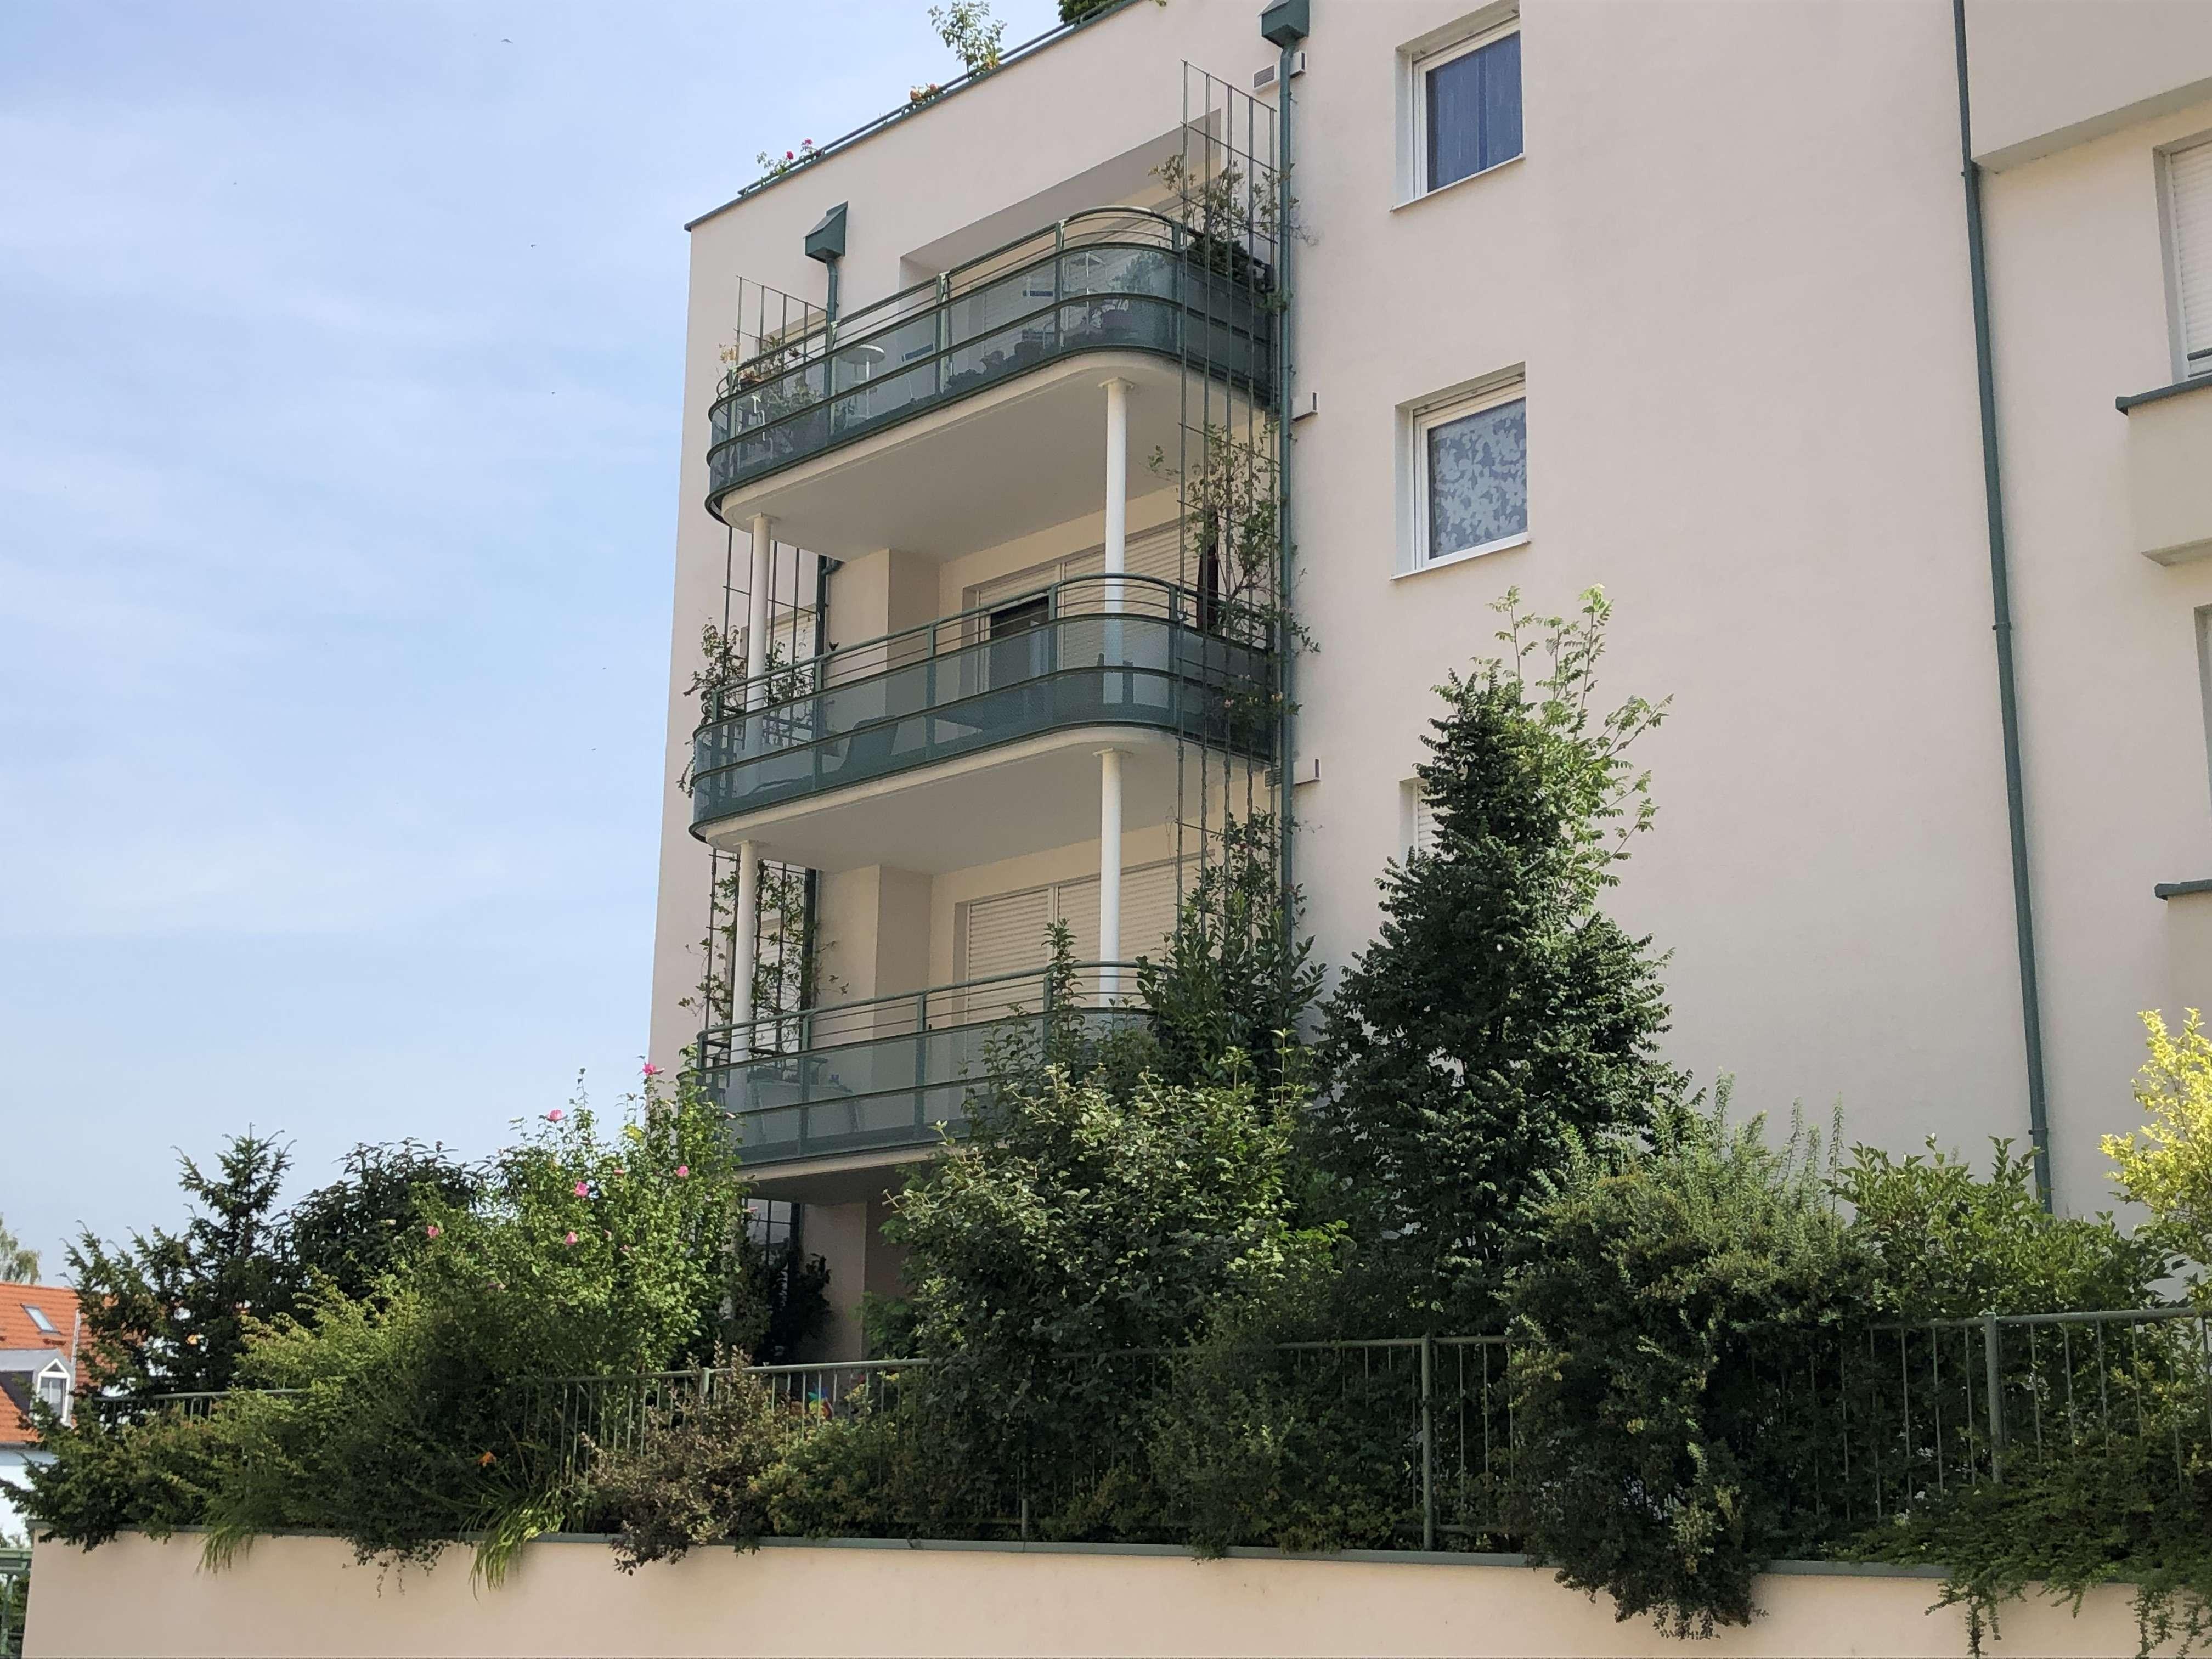 Neuwertige 3-Zimmer-Terrassenwohnung mit EBK in zentrumsnaher Lage in Galgenberg (Regensburg)